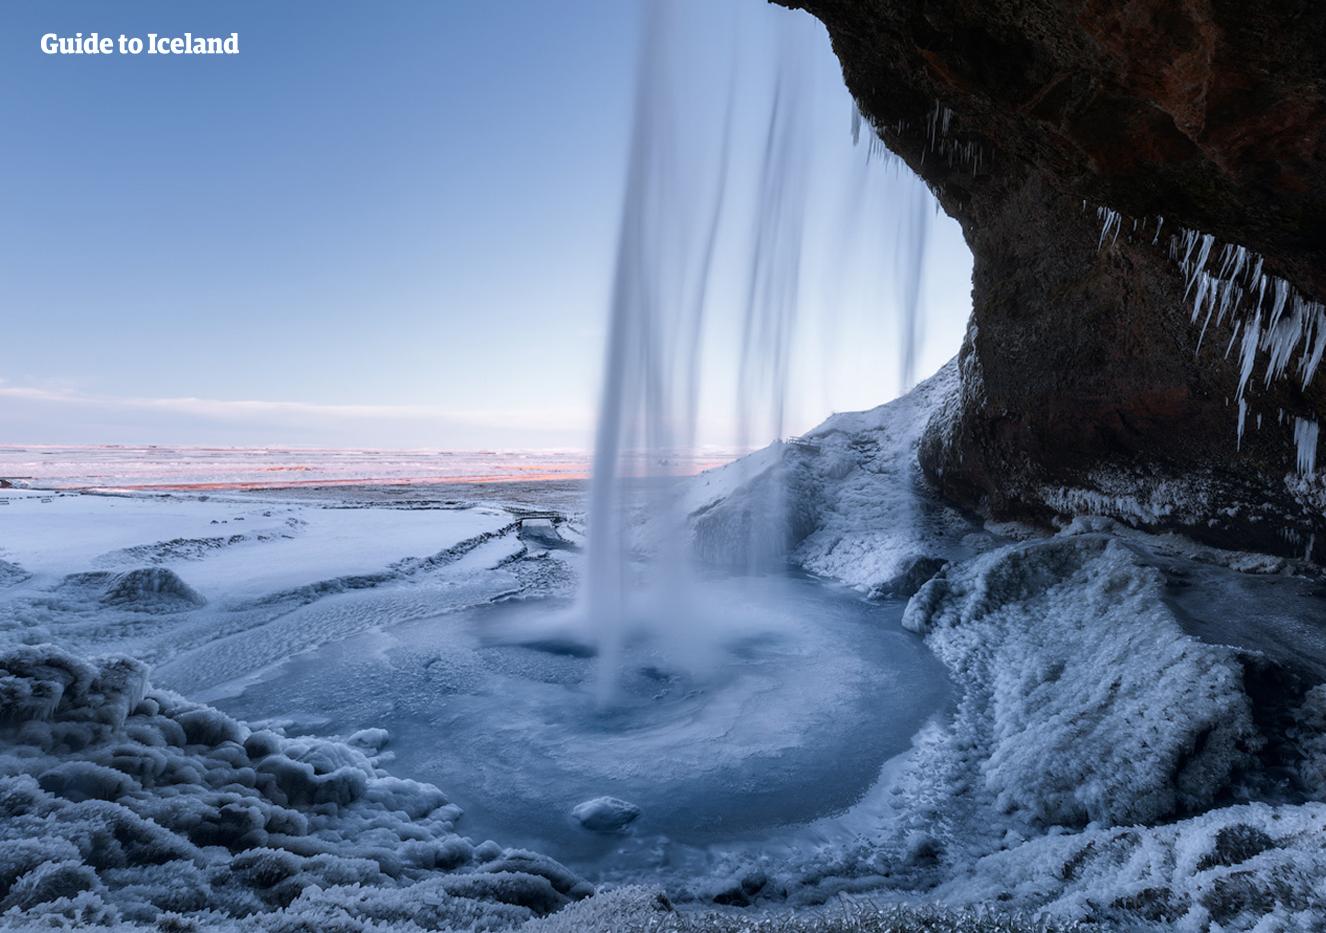 Eine frostige Aussicht von hinter dem Wasserfall Seljalandsfoss an der Südküste Islands.